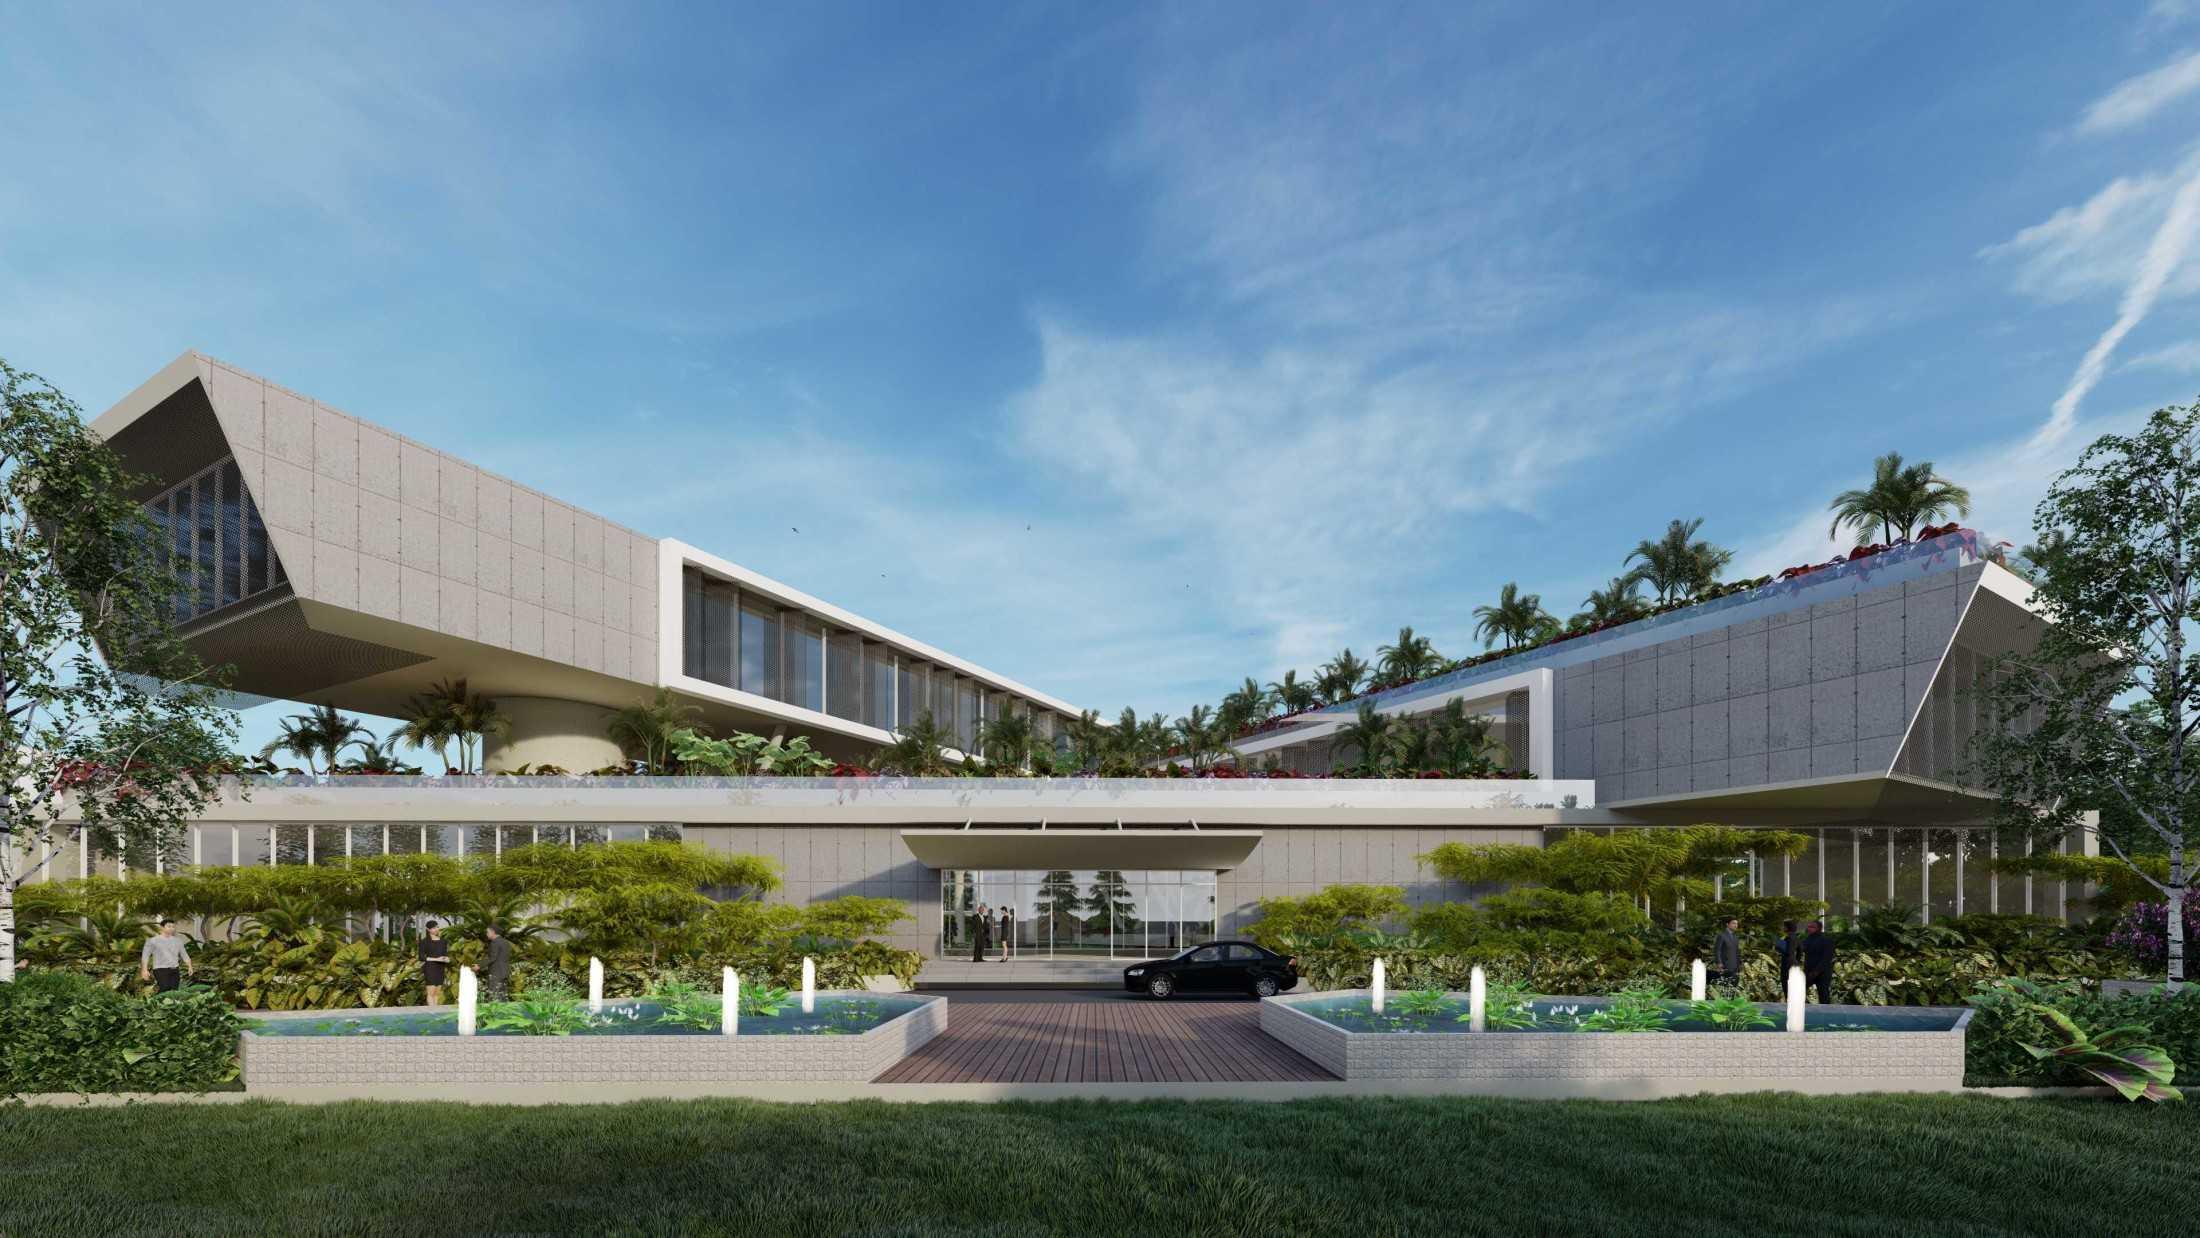 Jasa Arsitek Raaj Gill Arsitek di Riau